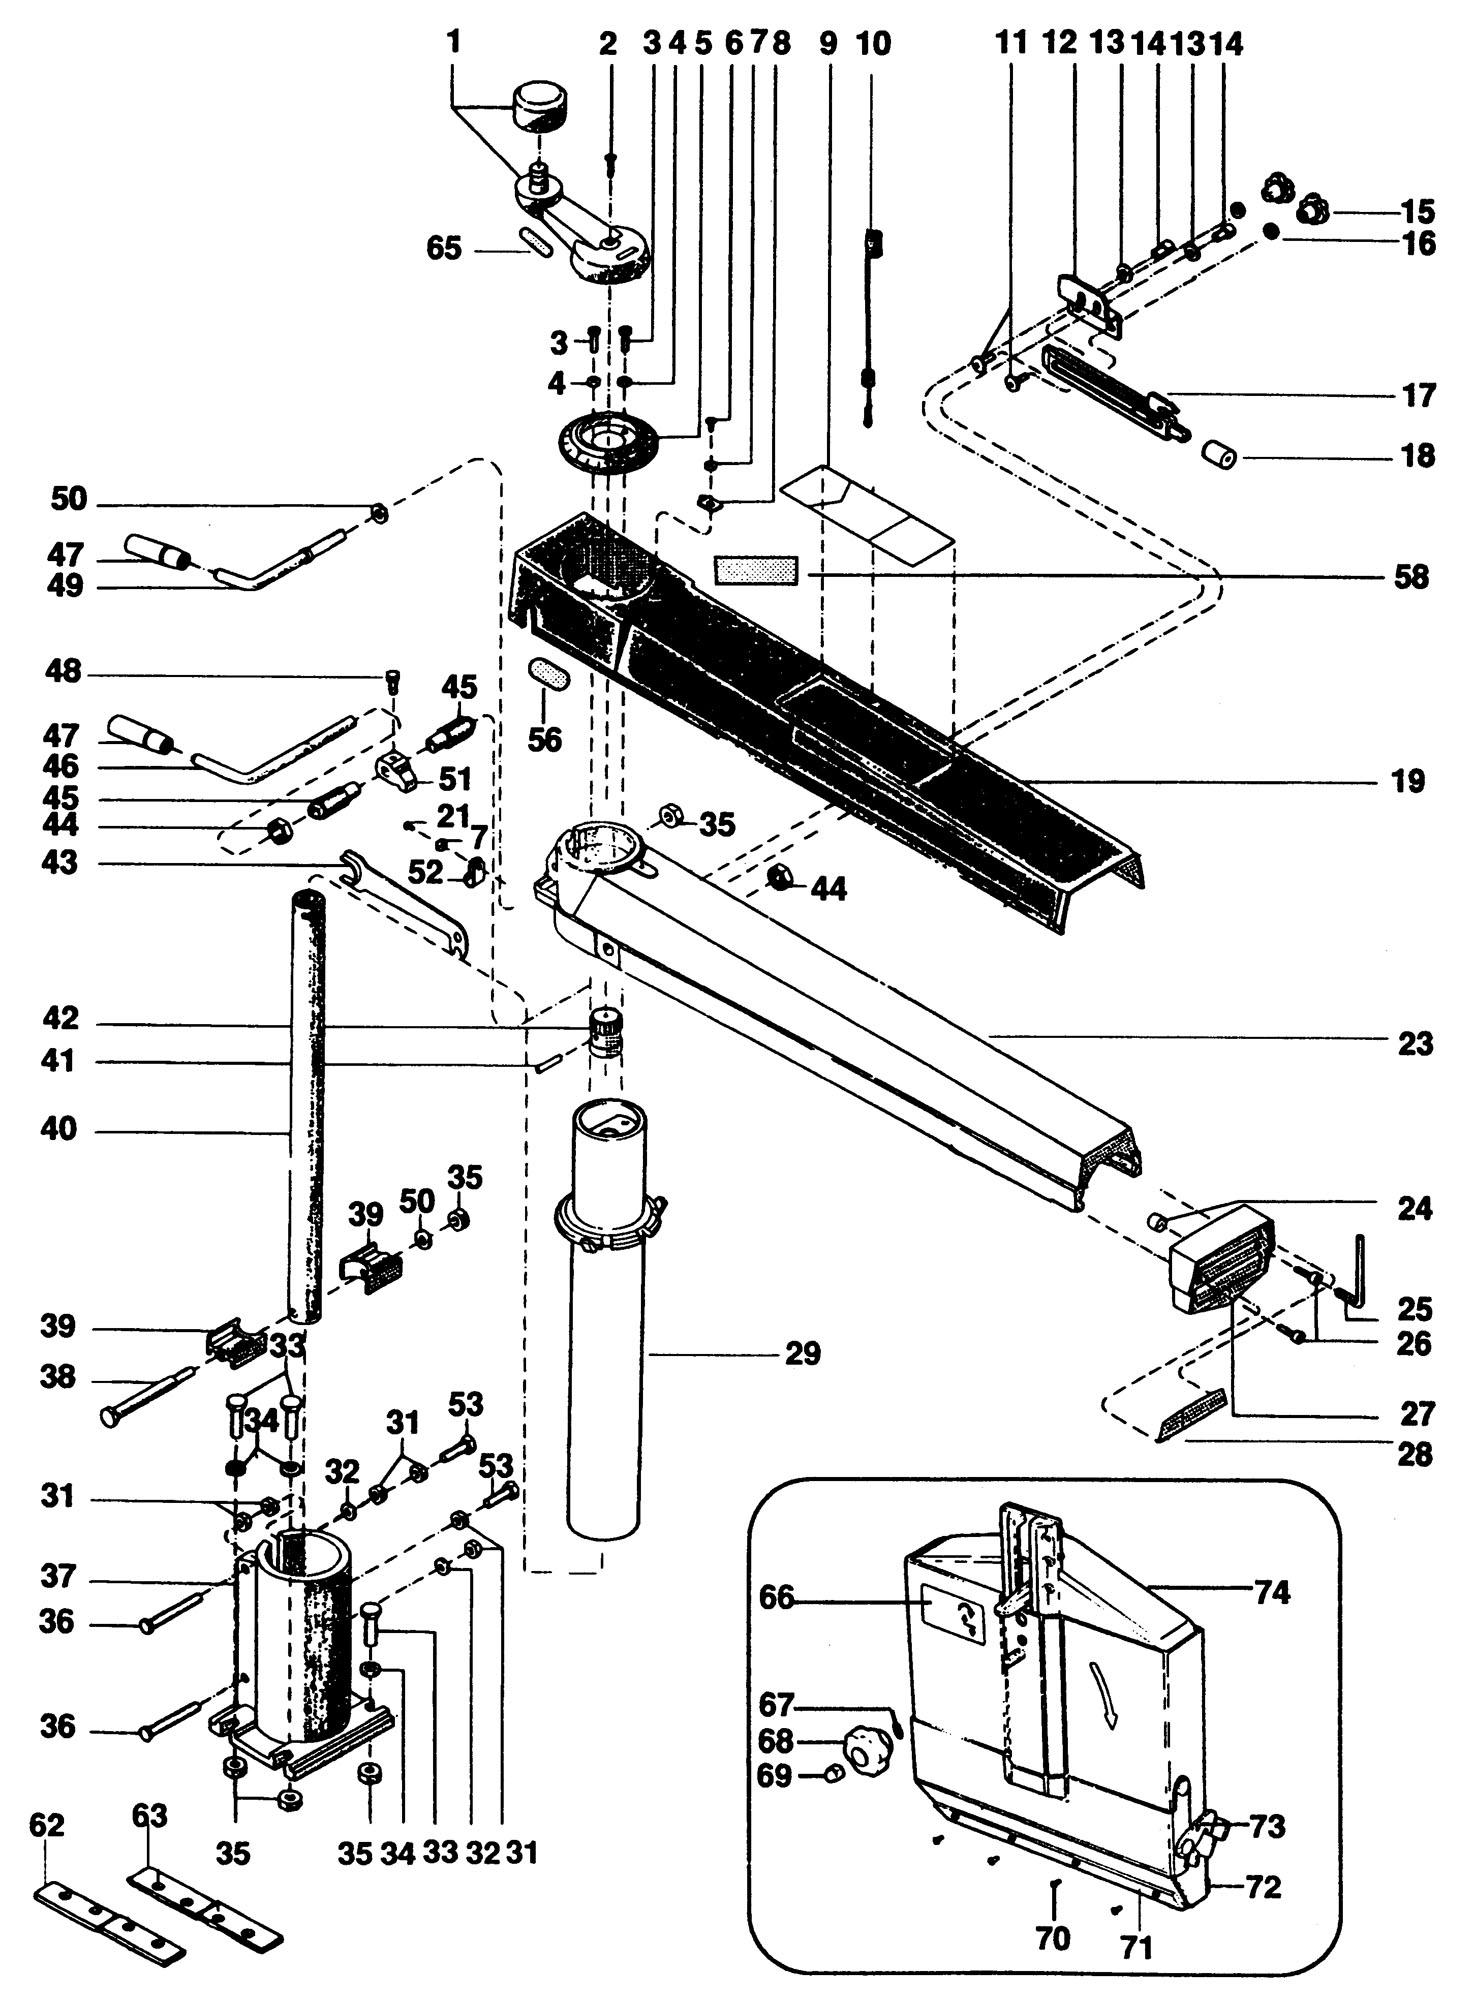 Wiring Diagram Dewalt Radial Arm Saw